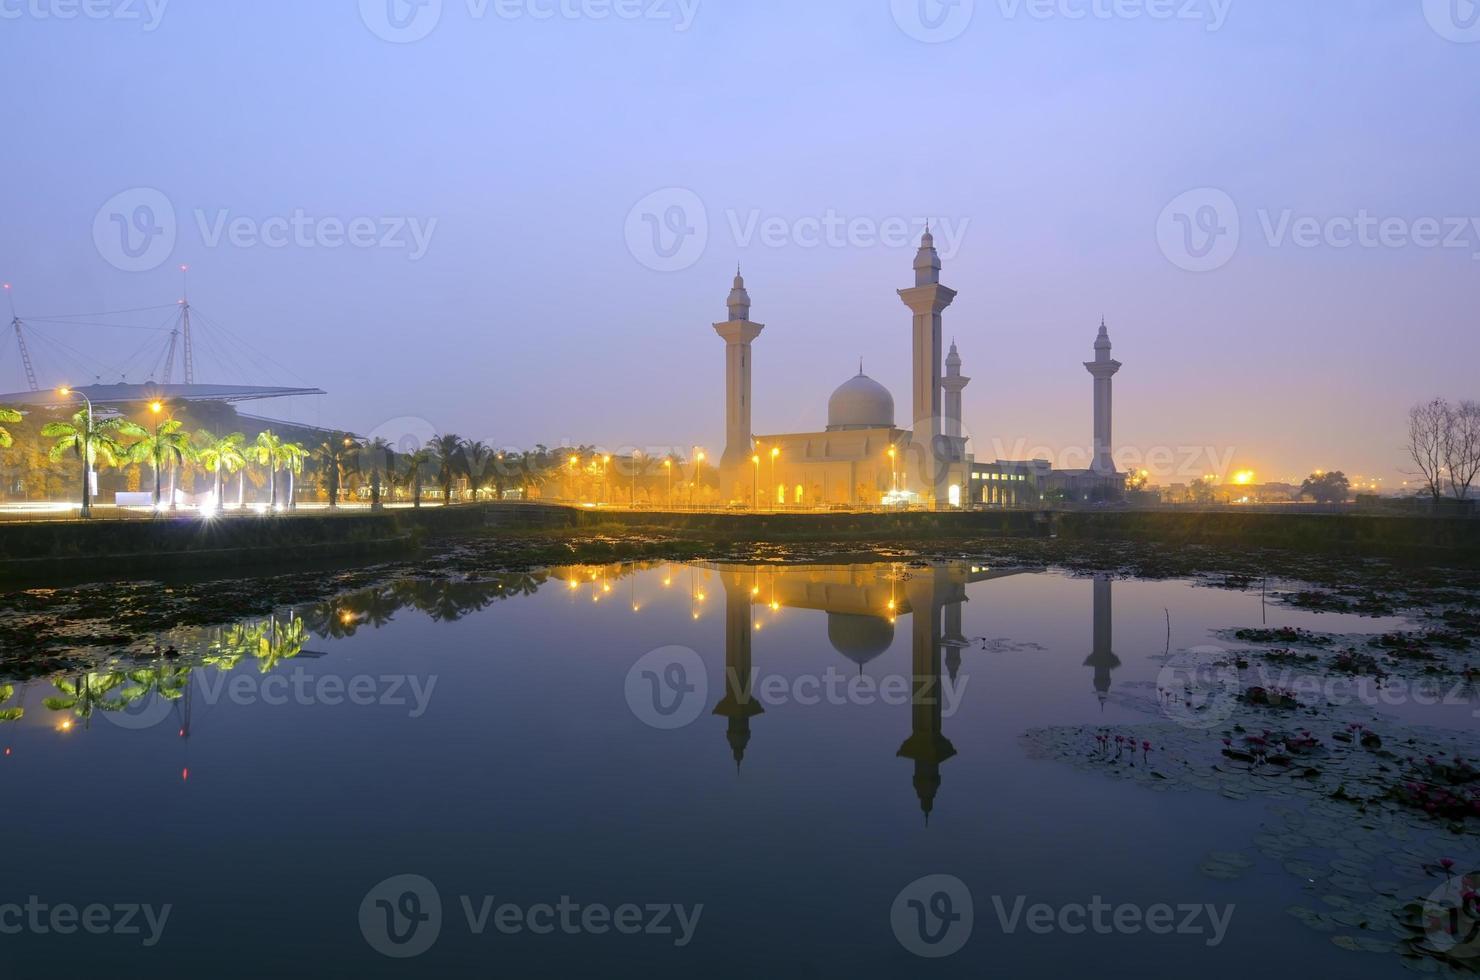 The Tengku Ampuan Jemaah Mosque, Bukit Jelutong, Malaysia mosque at sunrise. photo